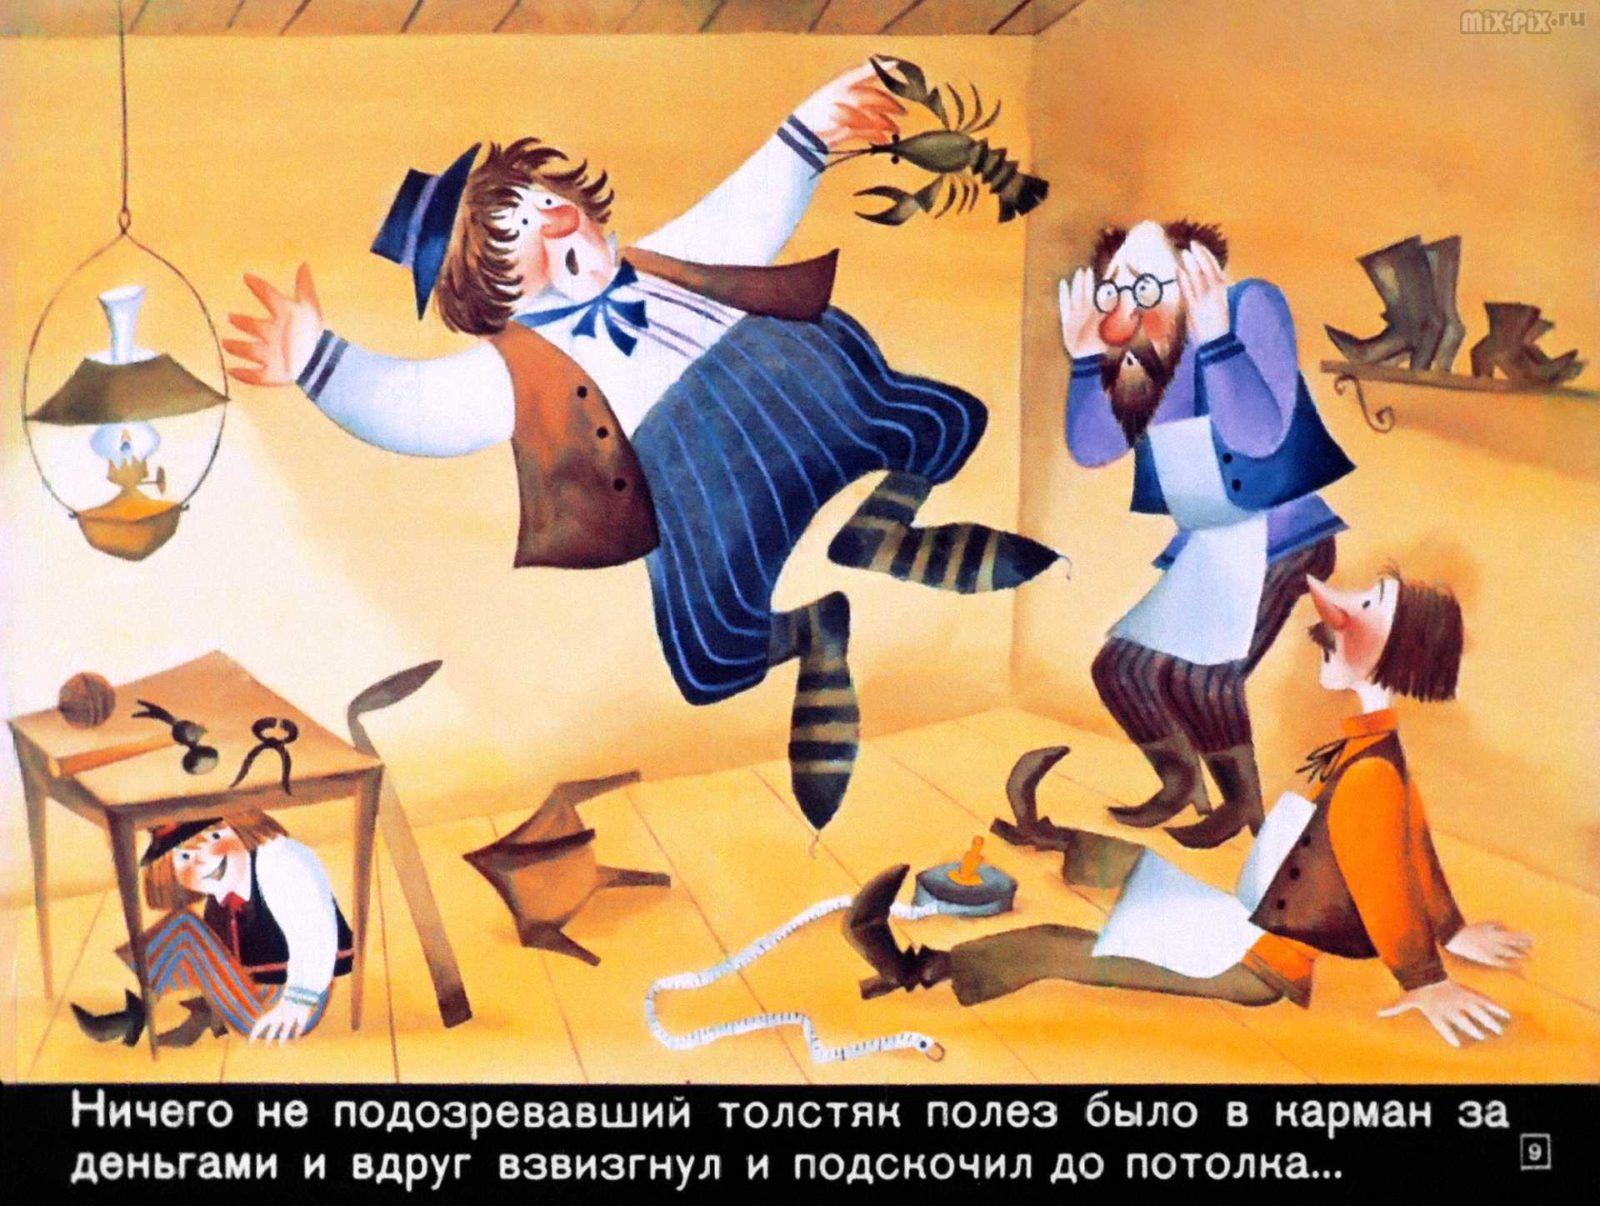 Сапожник Копытко и утка Кря (1972) 27